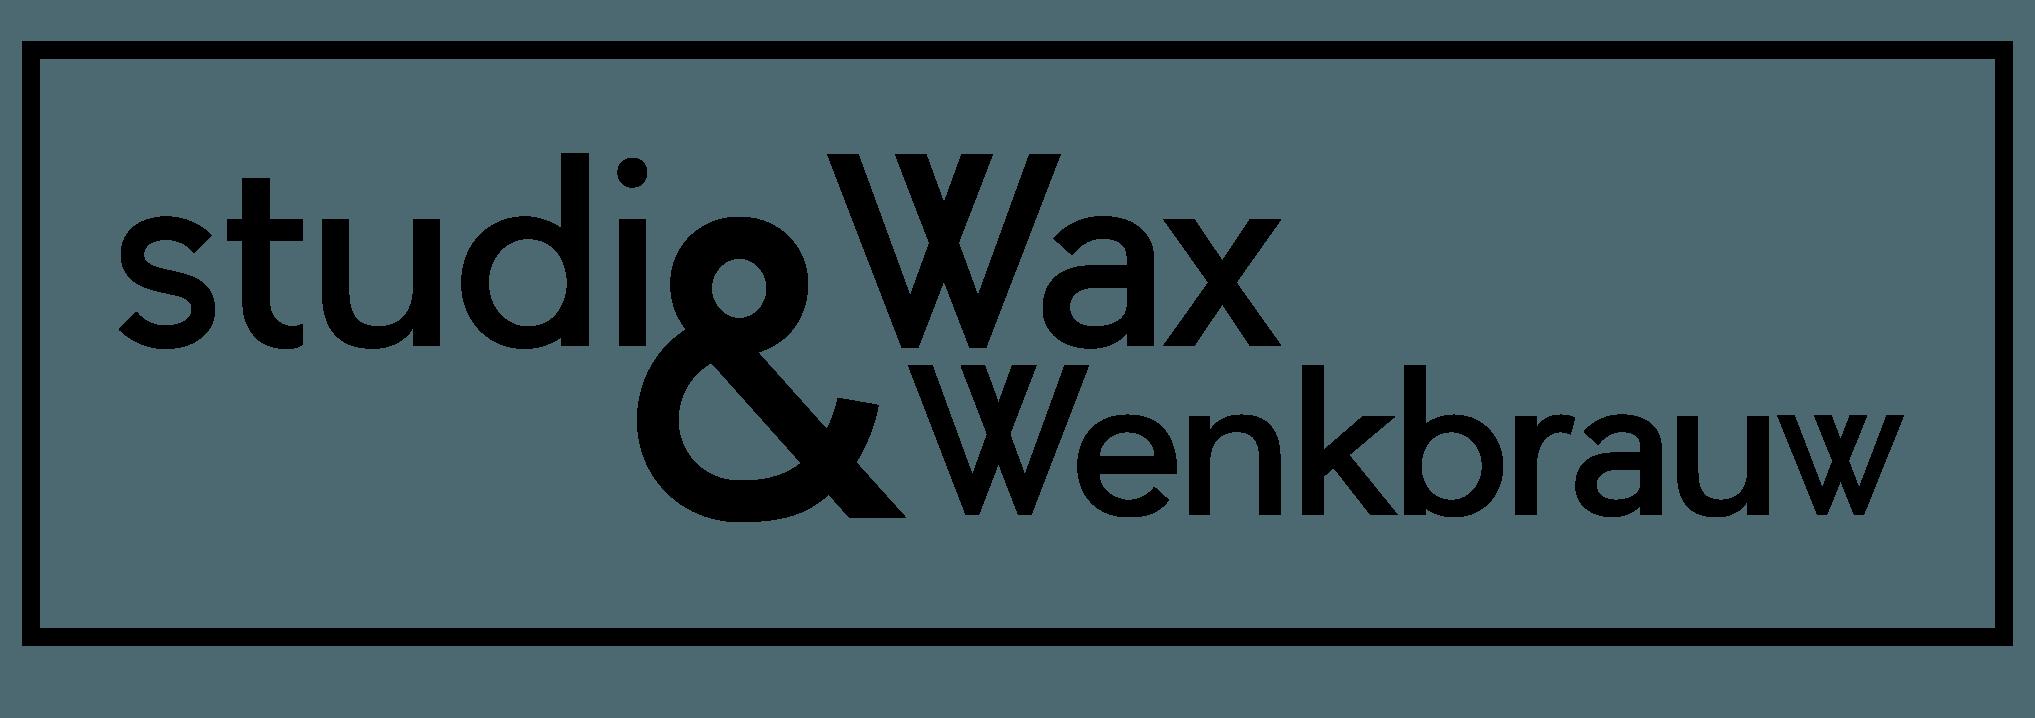 Studio Wax & Wenkbrauw